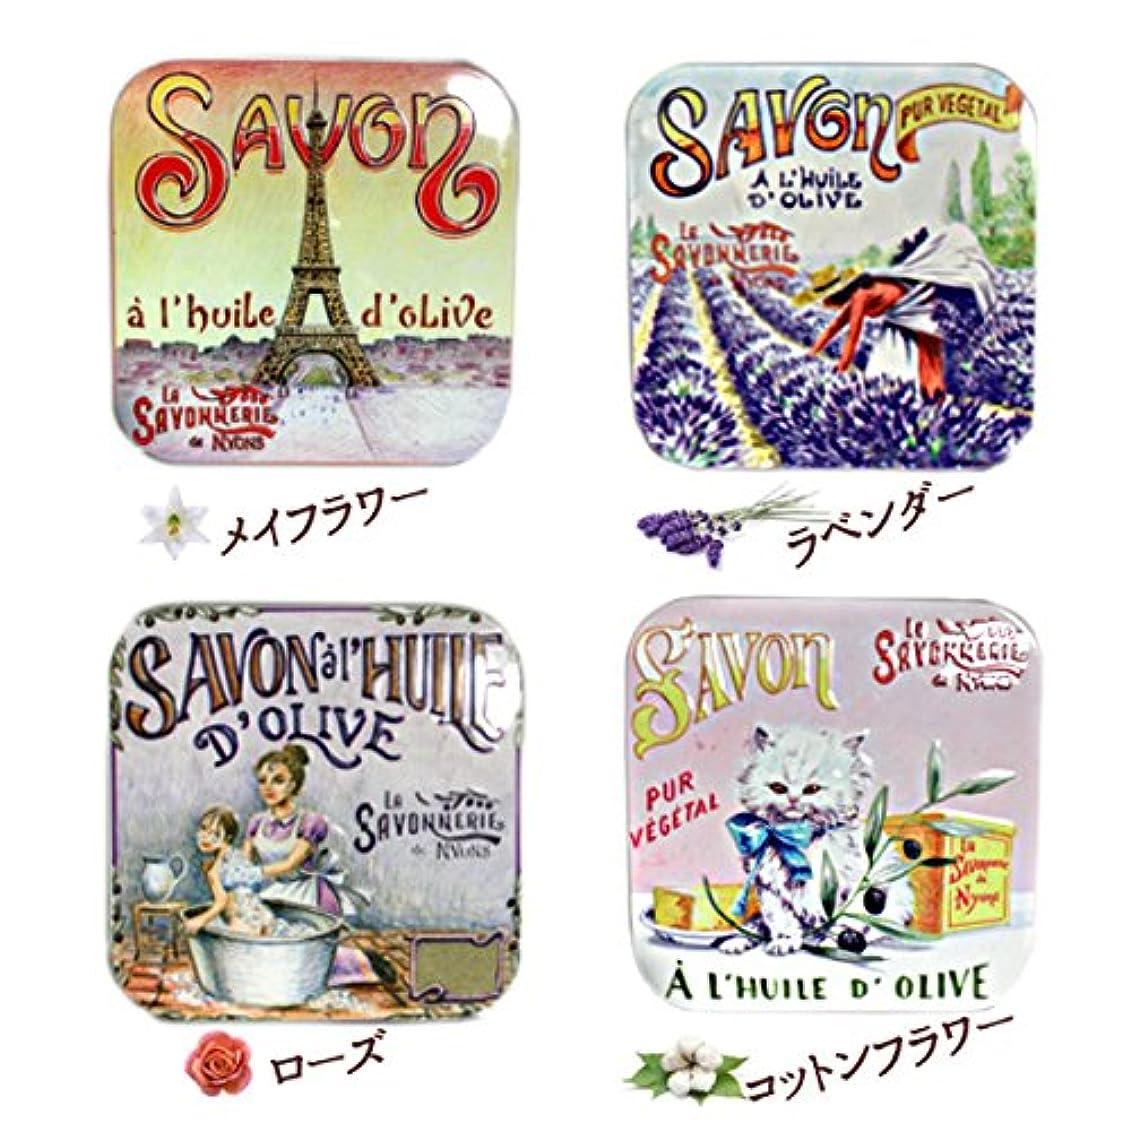 椅子有名人華氏ラサボネリー アンティーク缶入り石鹸 タイプ100 95g (ローズ)